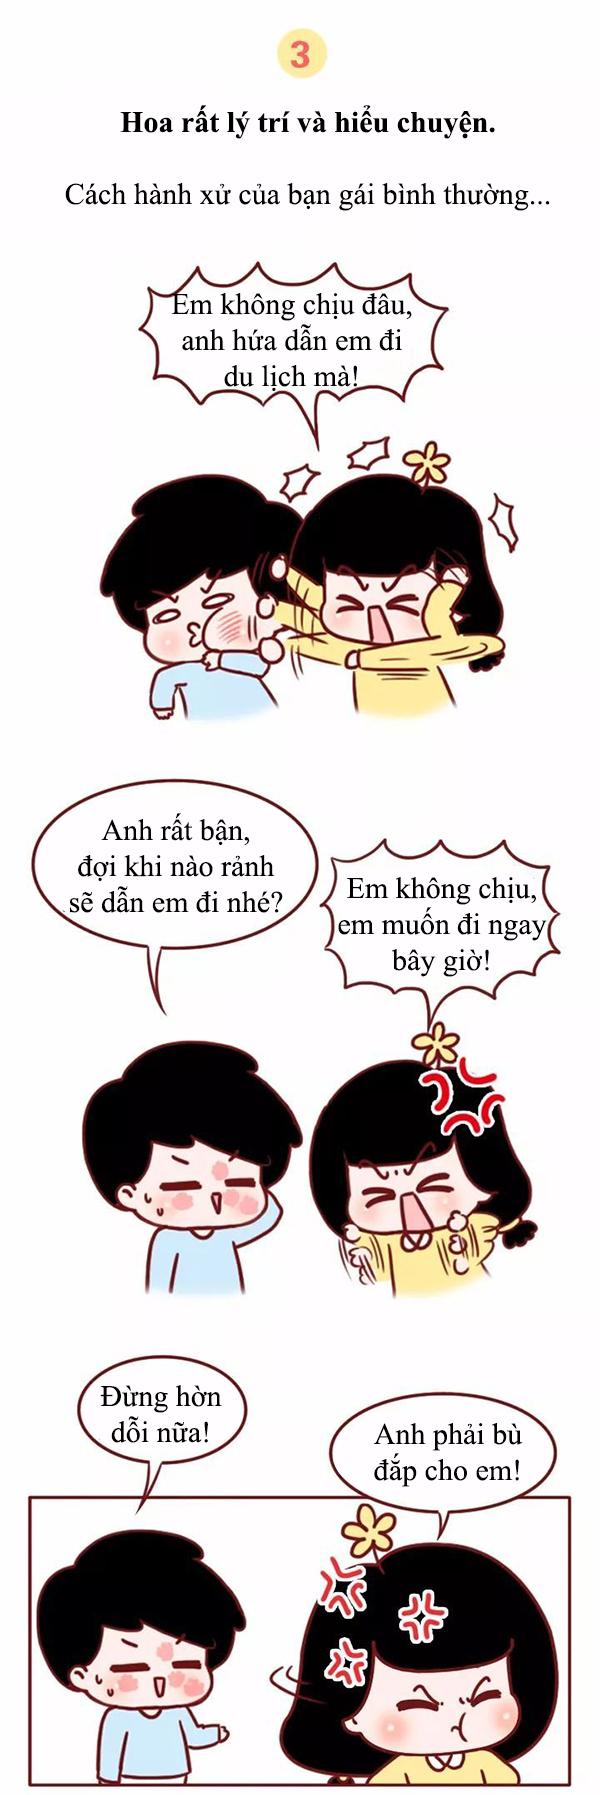 Truyện tranh: Đàn ông hãy coi chừng nếu đang yêu một cô gái quá hiểu chuyện - Ảnh 4.